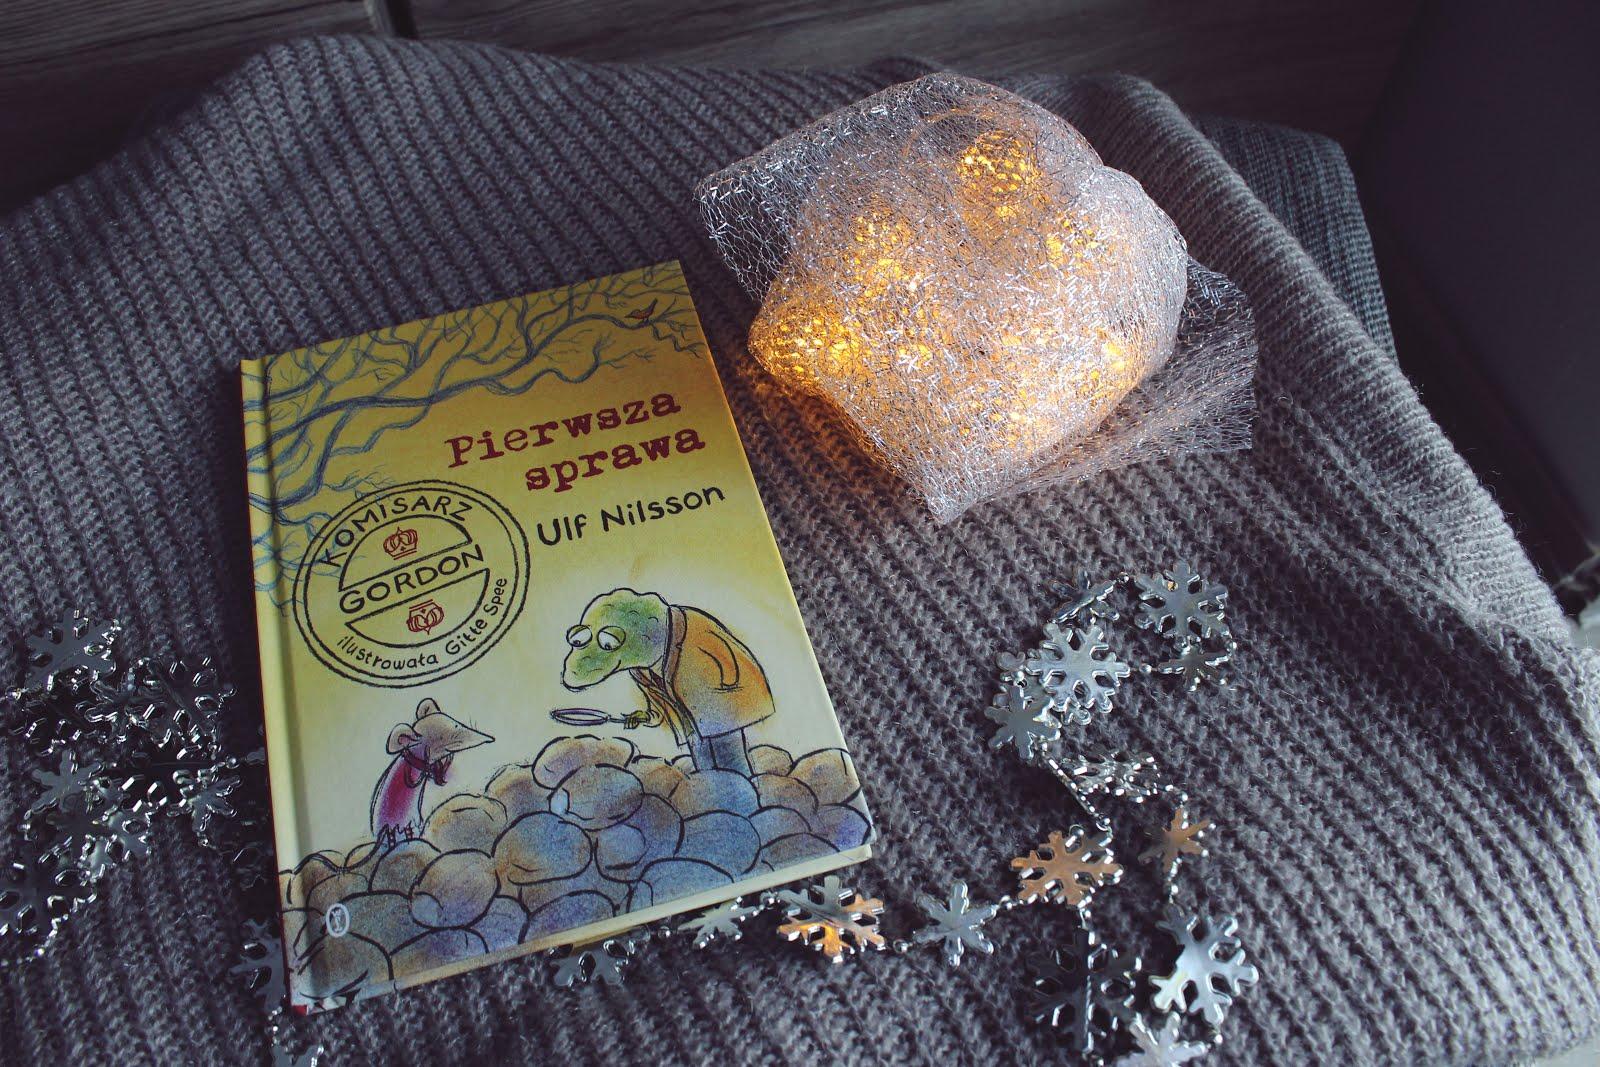 Recenzja książki dla dzieci. Wydawnictwo Literackie